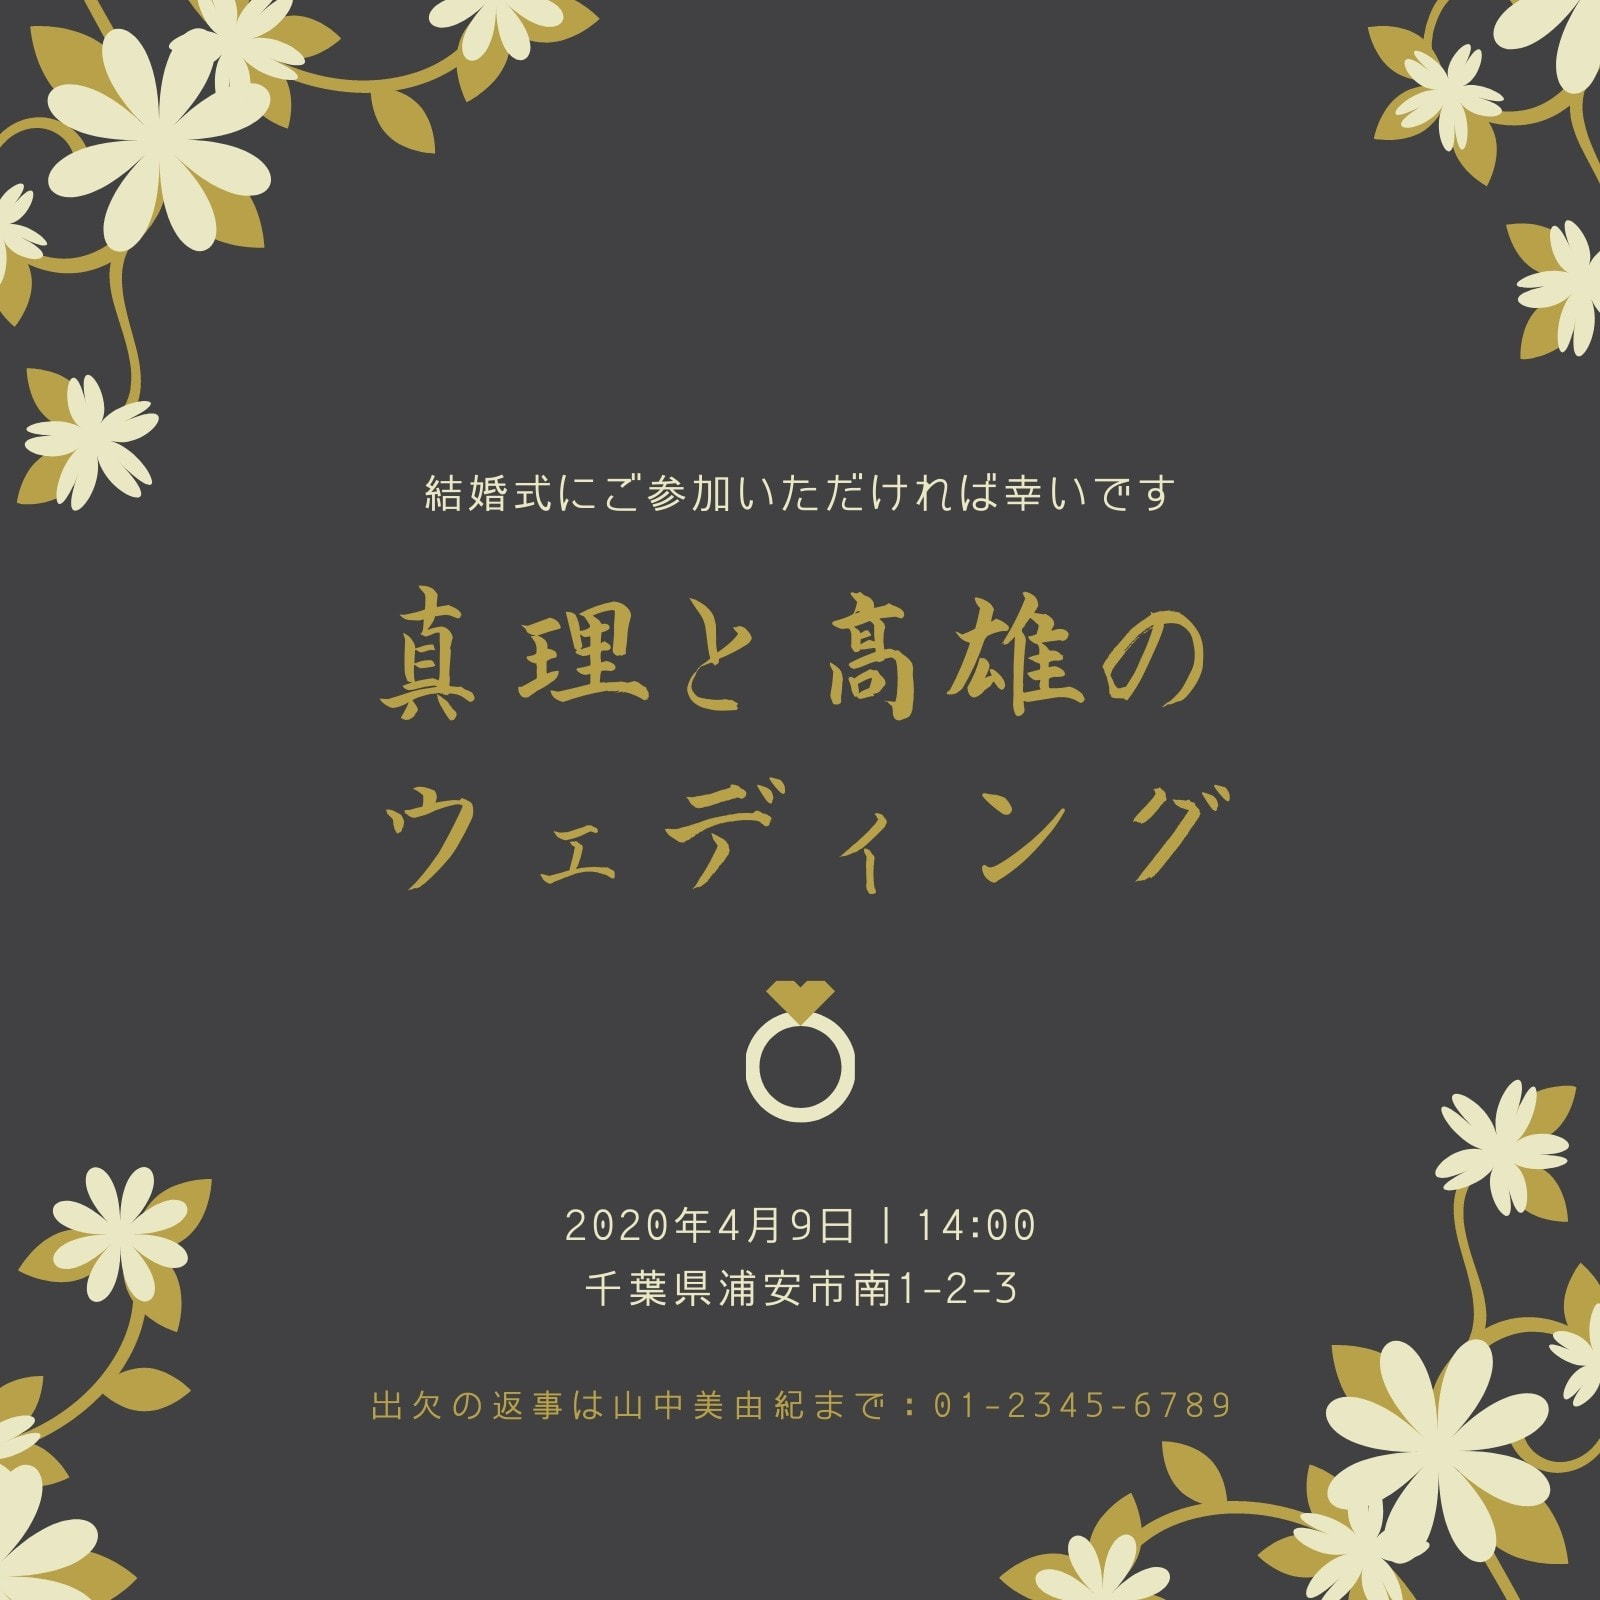 花柄 日程のお知らせ 結婚式の招待状